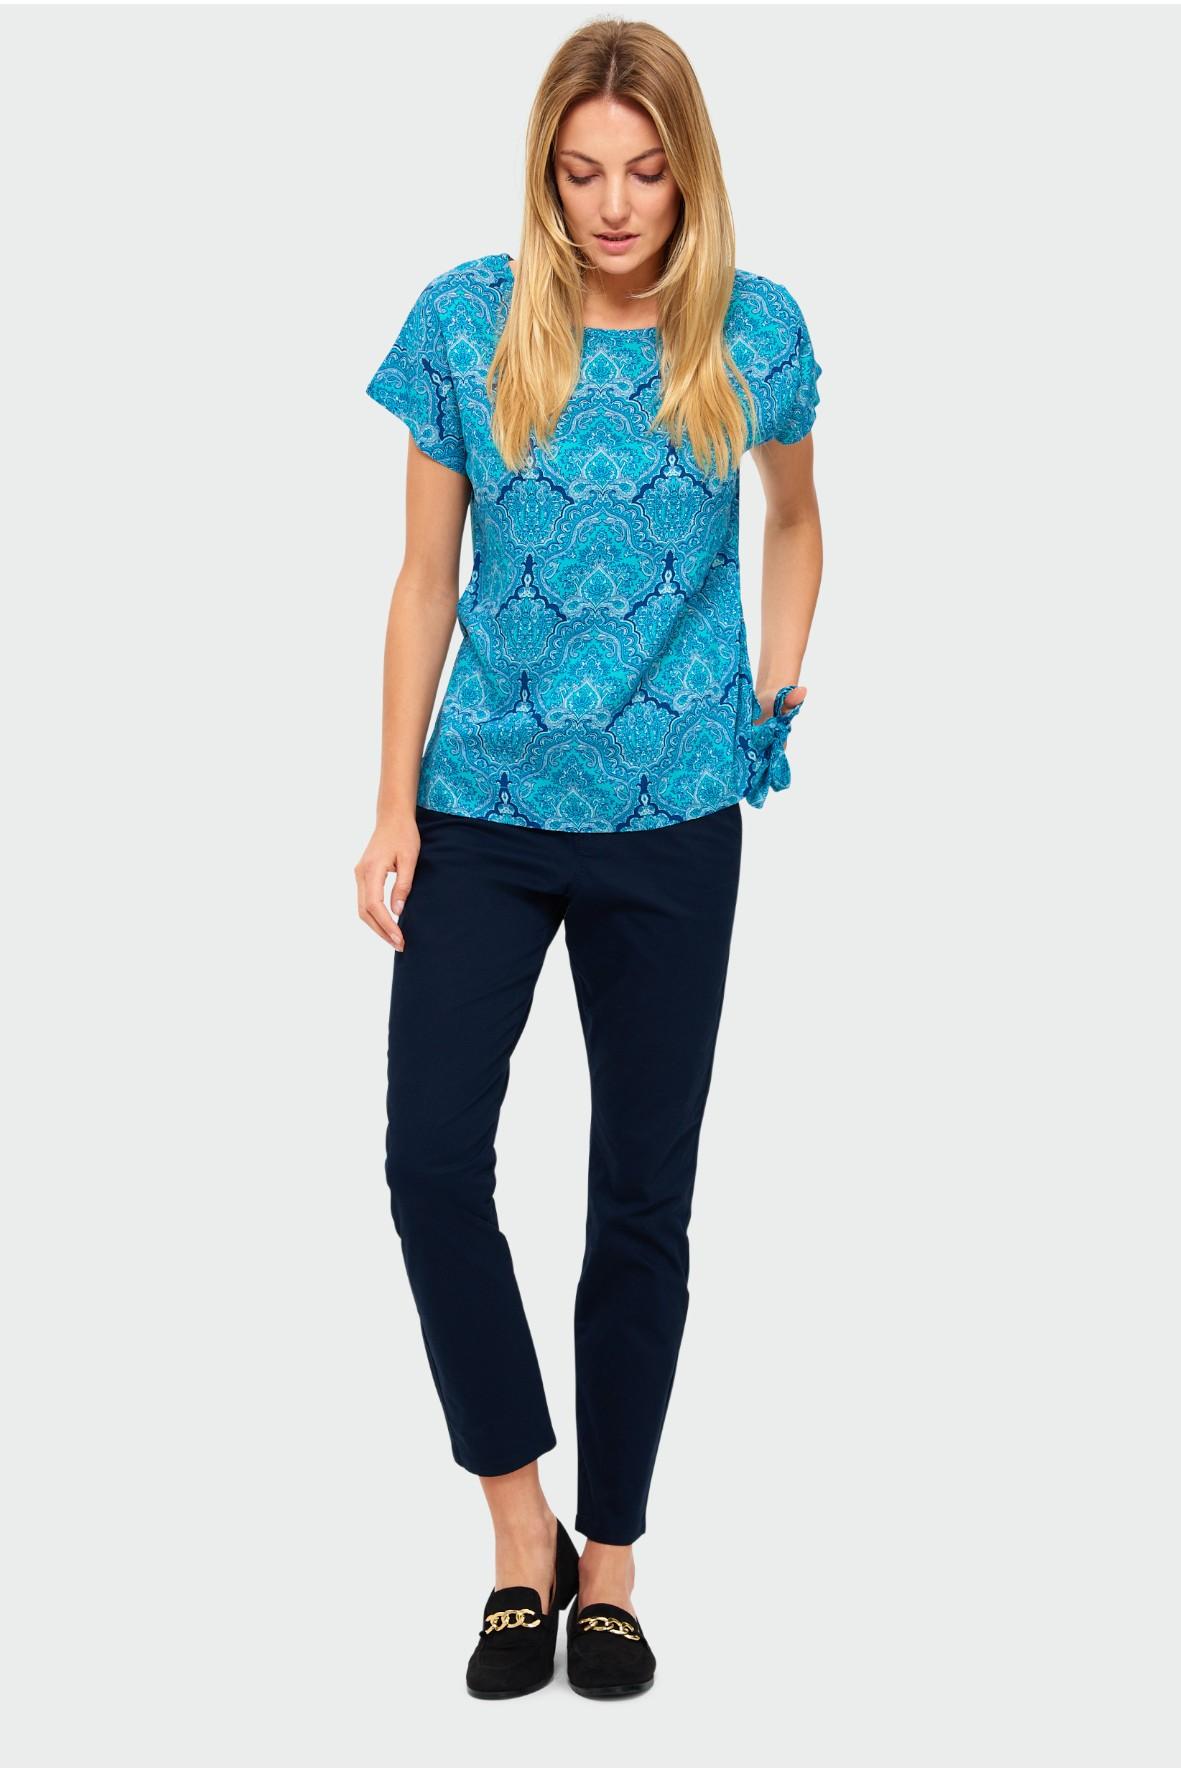 Niebieski T-shirt damski- krótki rękaw z nadrukiem